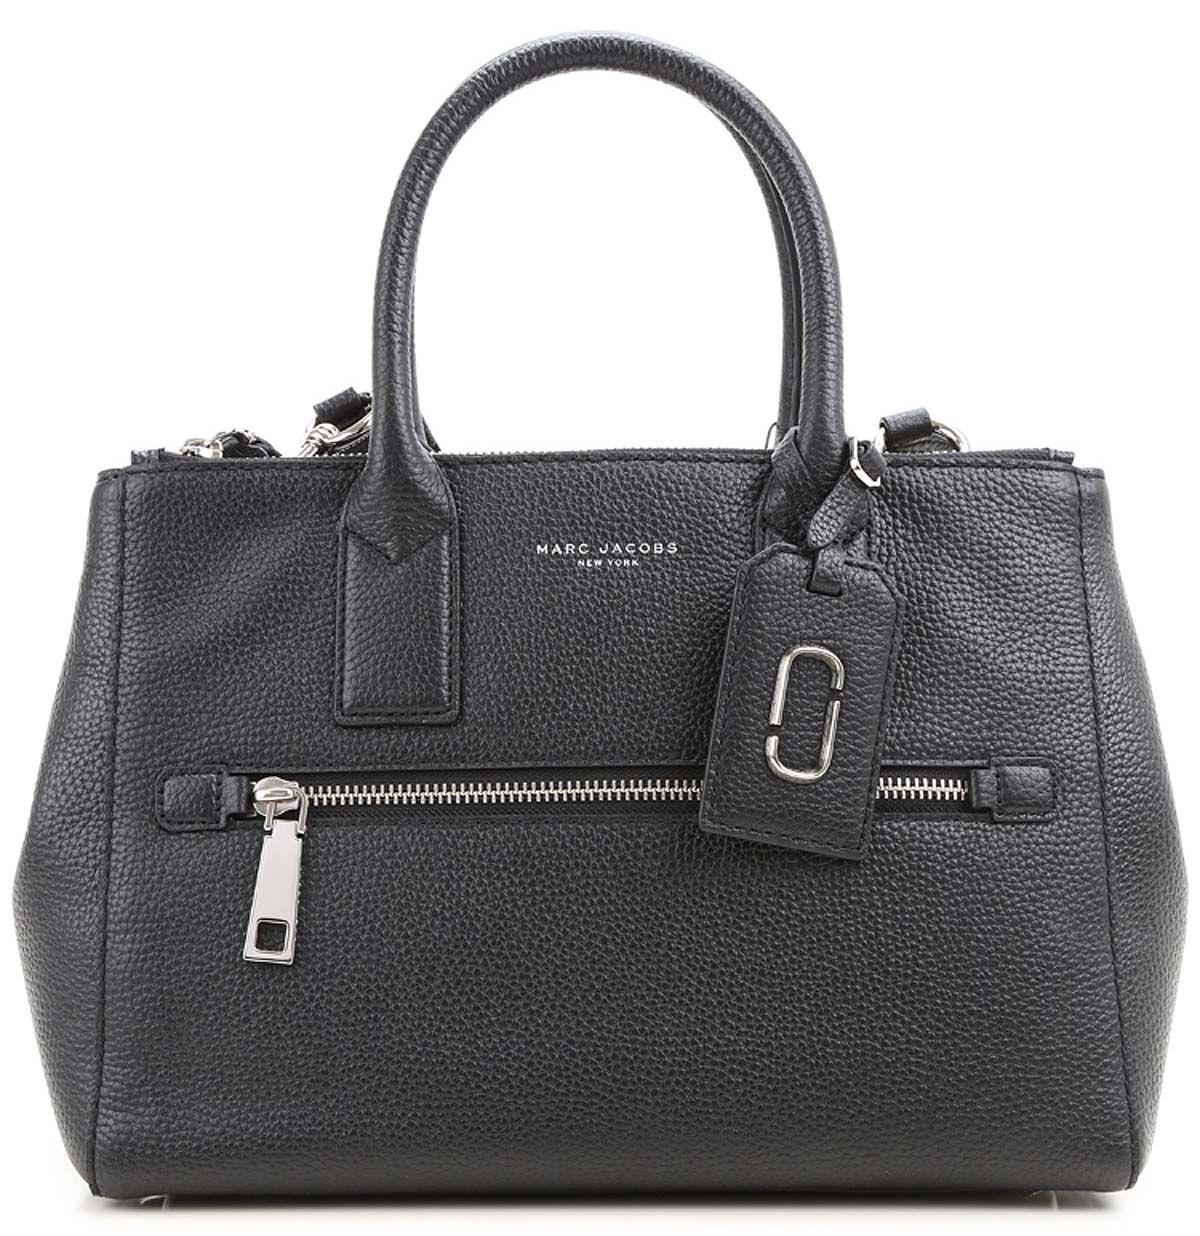 a8be7cb515 Marc Jacobs de luxe sacs à main pas cher en noir #355835   sac a ...